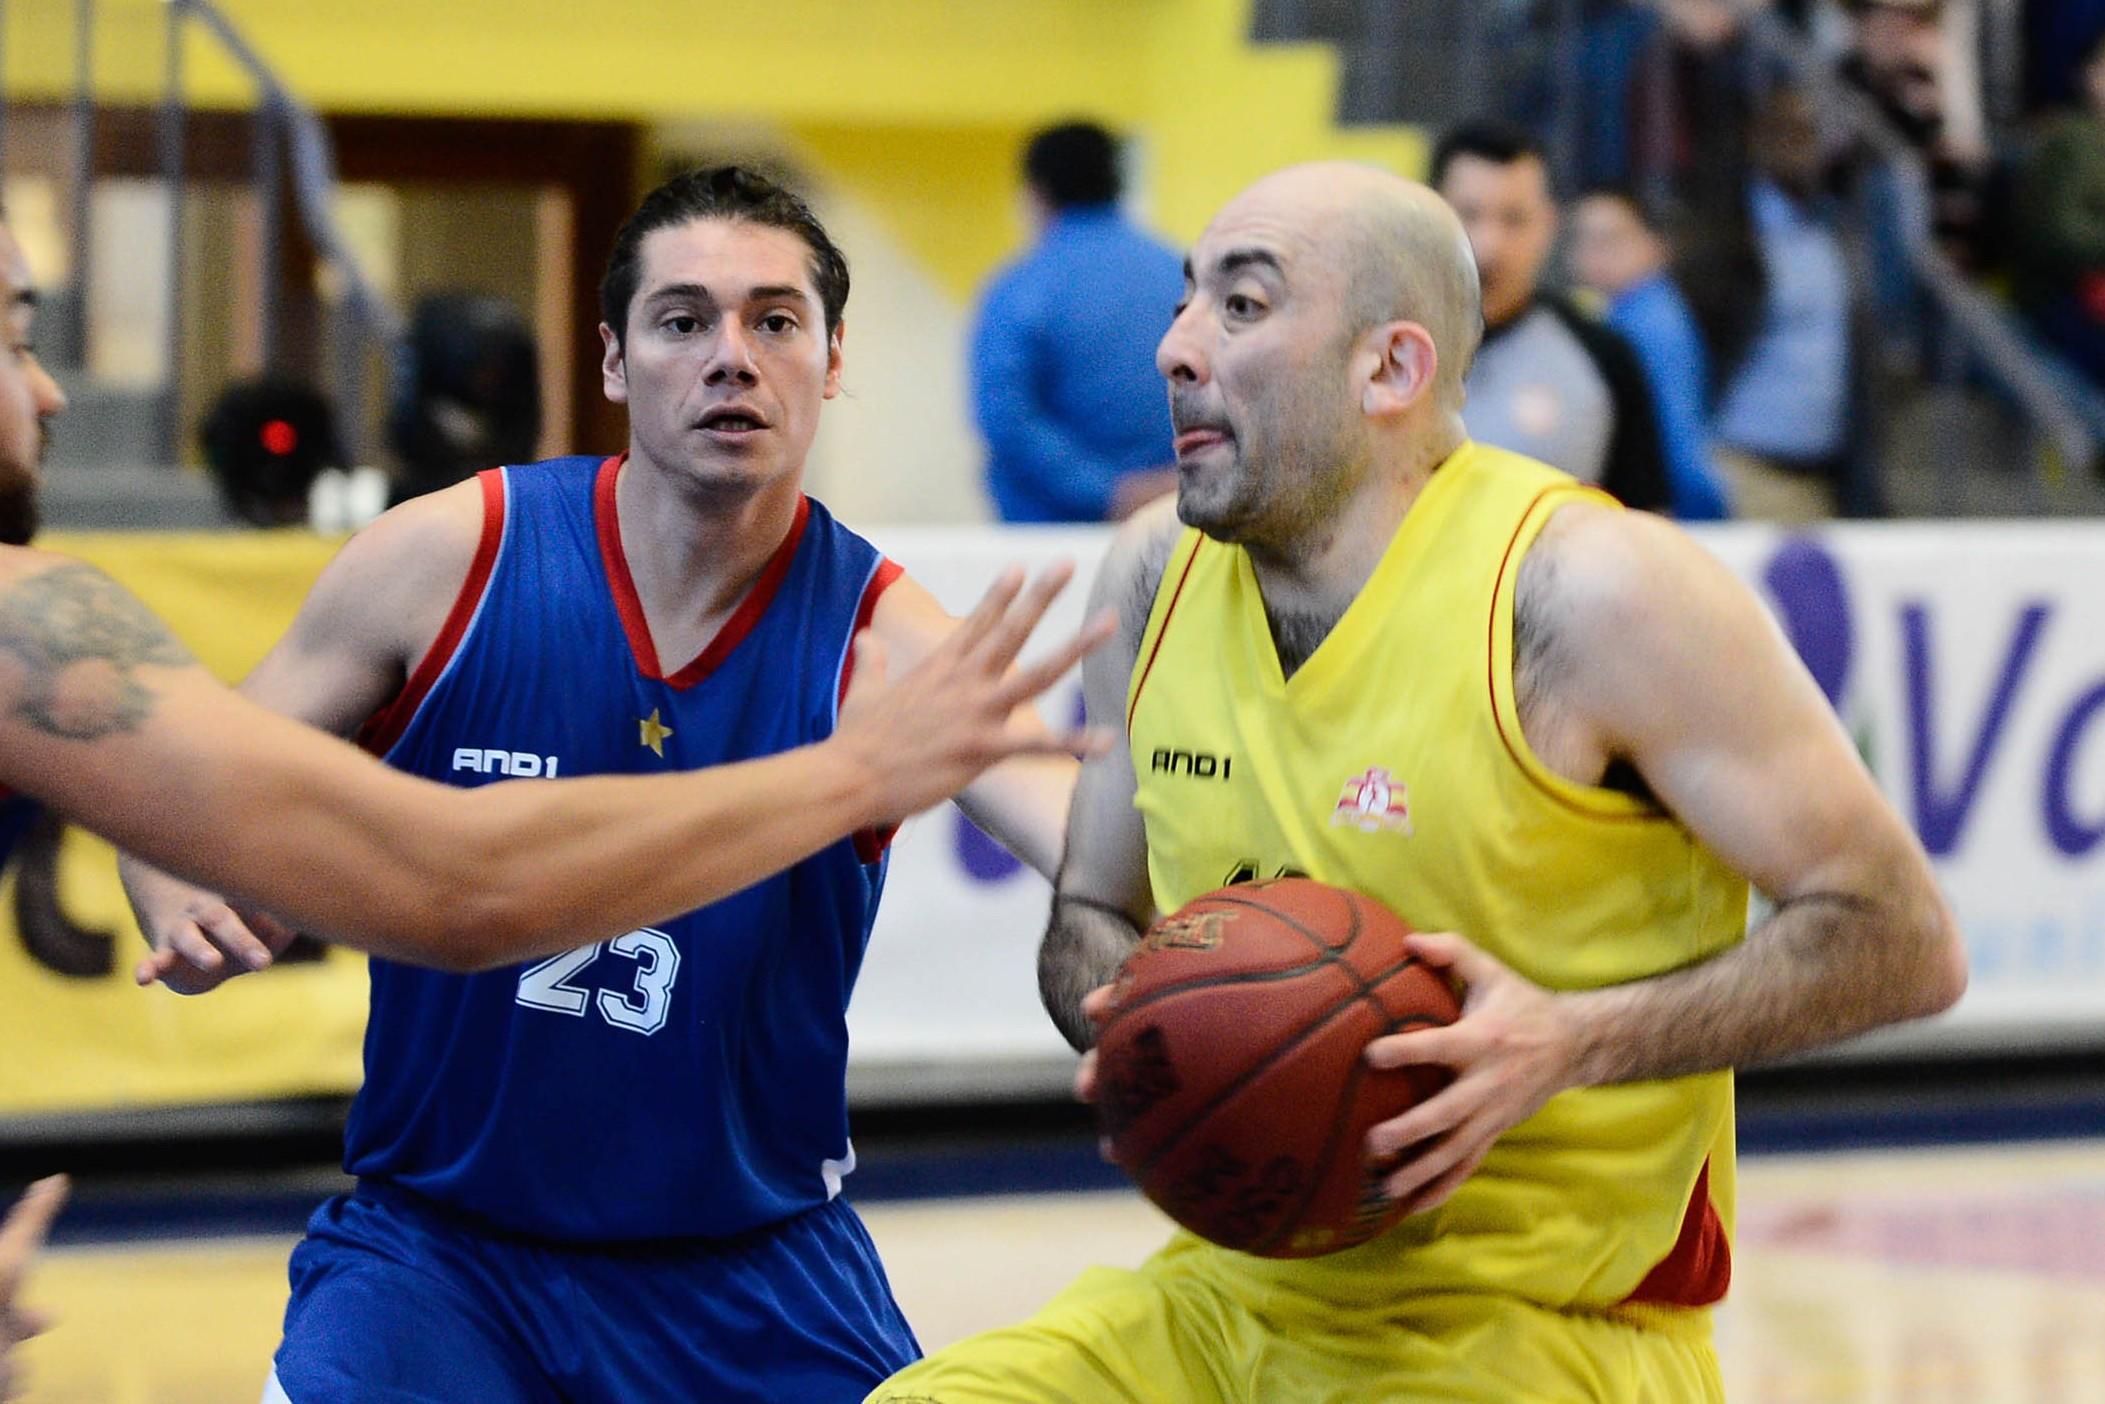 tsf basquetbol